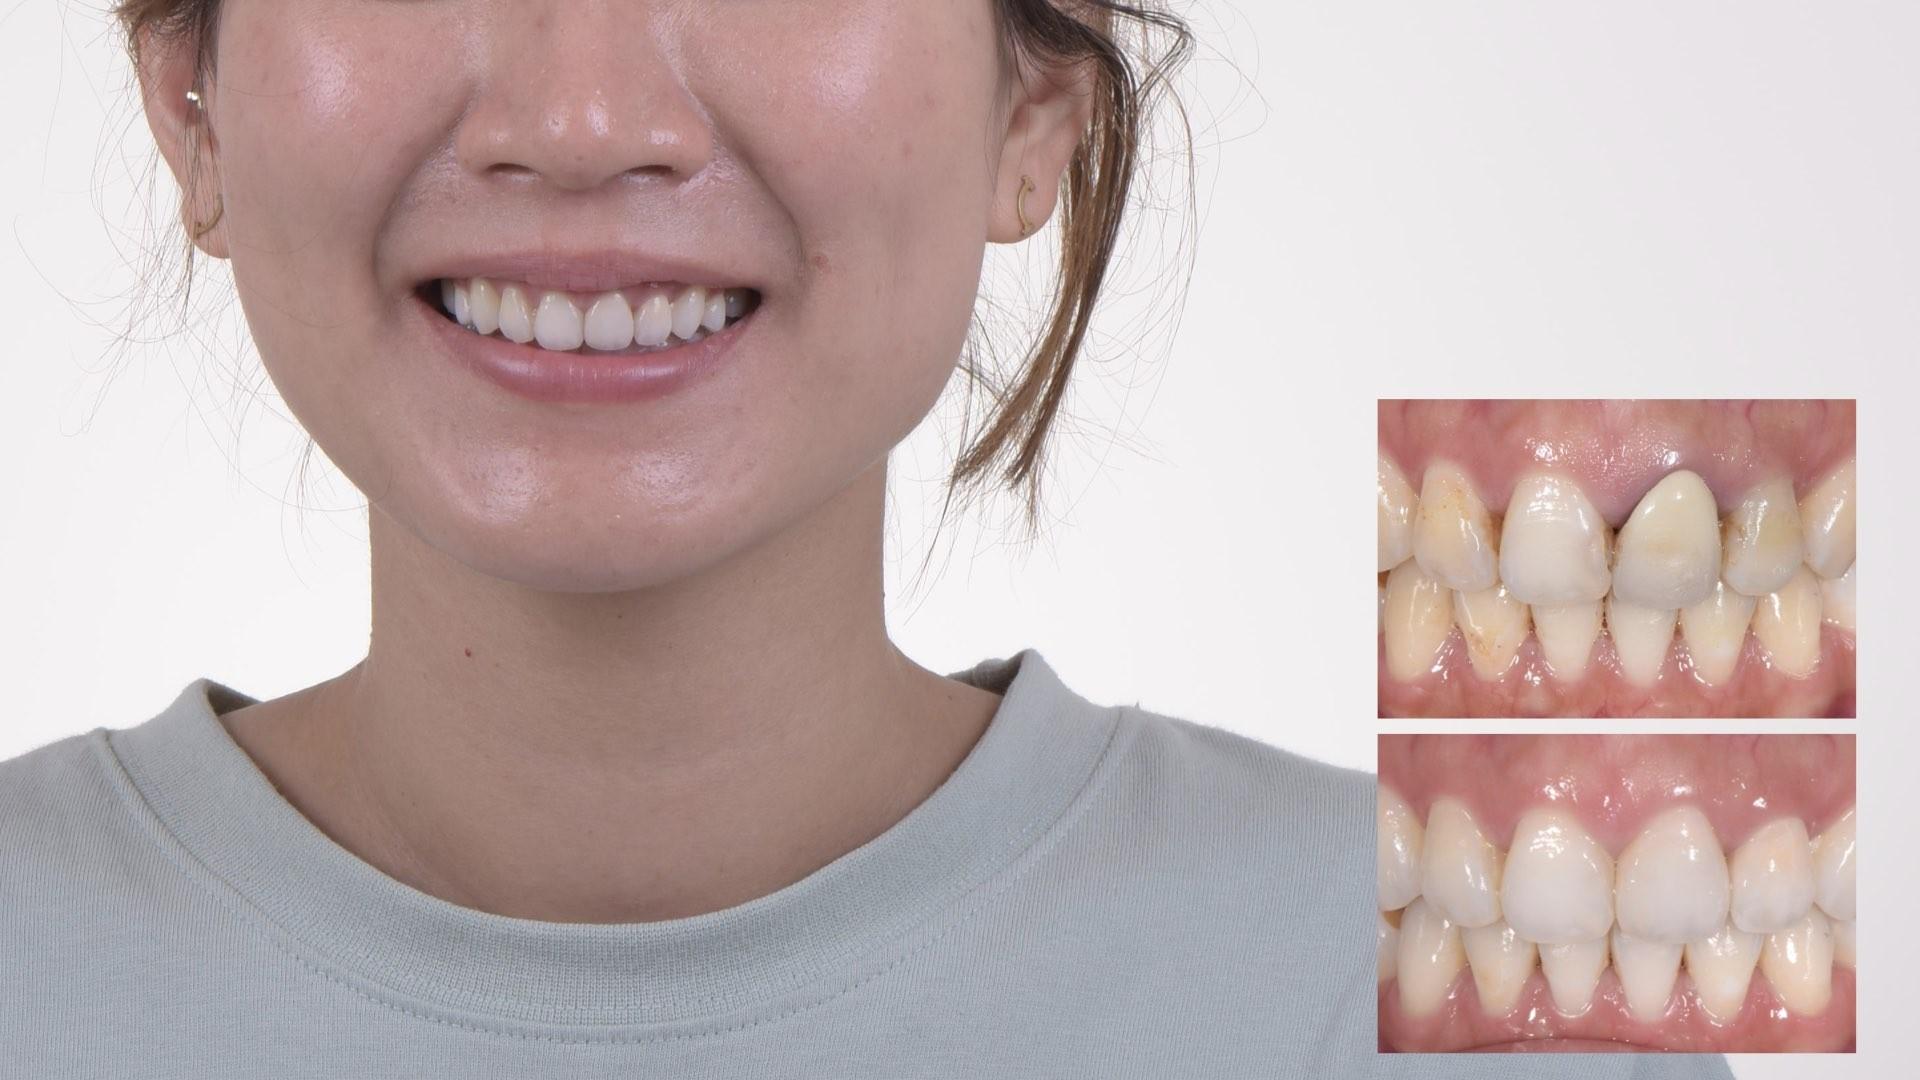 牙齒變黑了怎麼辦?part IV:瓷牙邊緣氧化,造成顏色變深